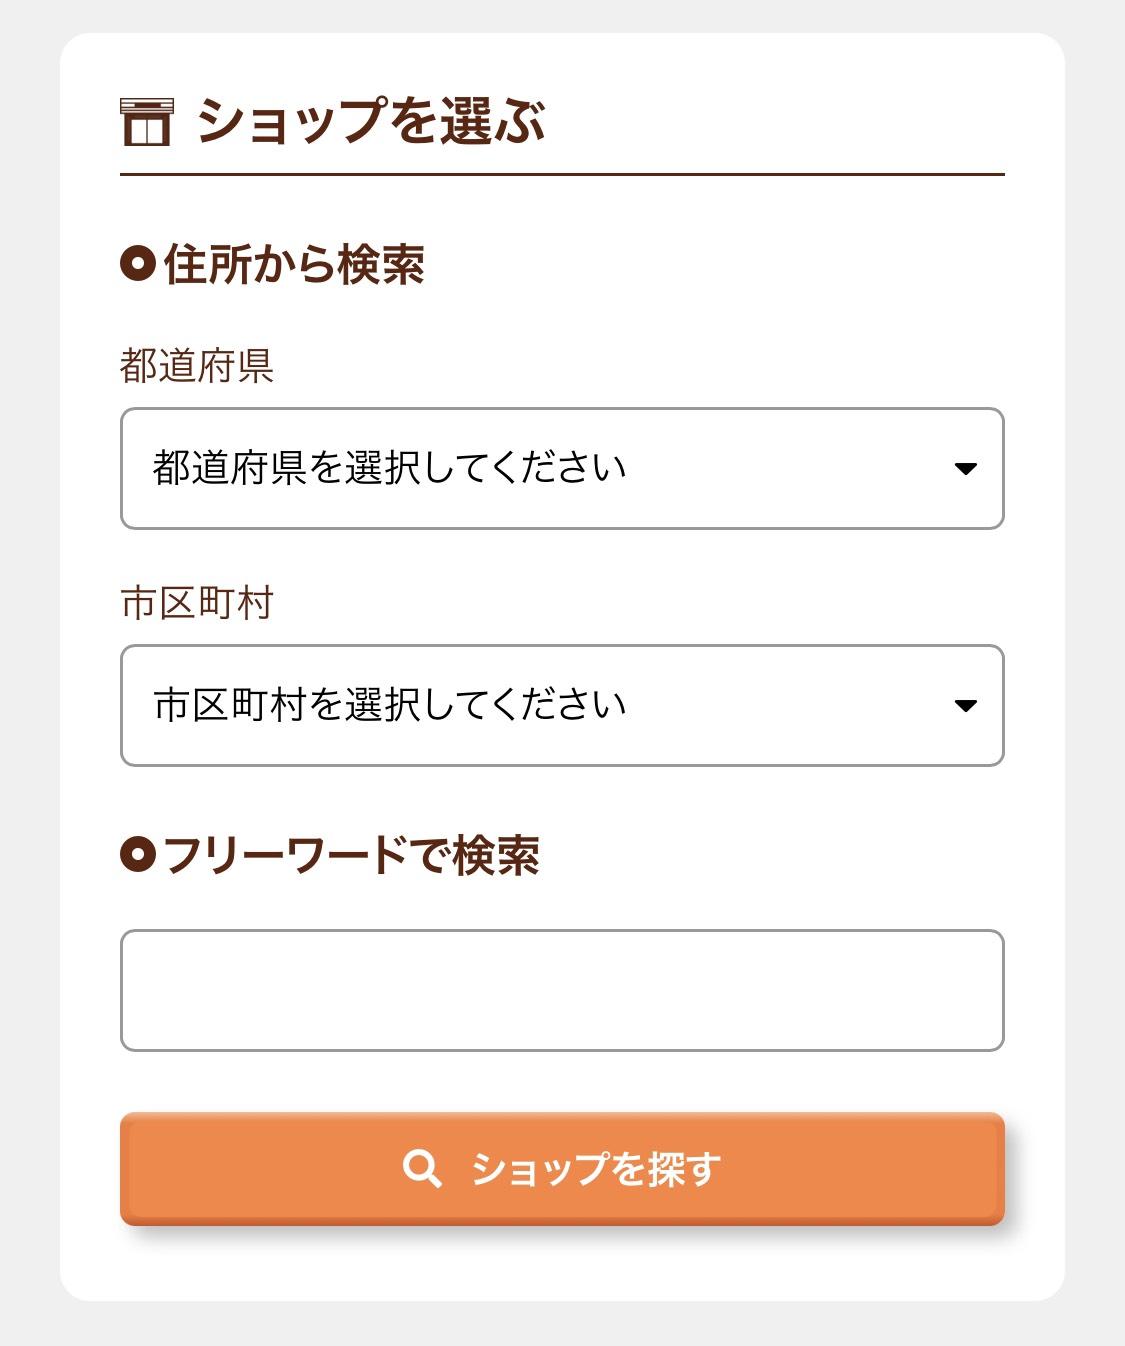 平成大学前ミスドネットオーダー02